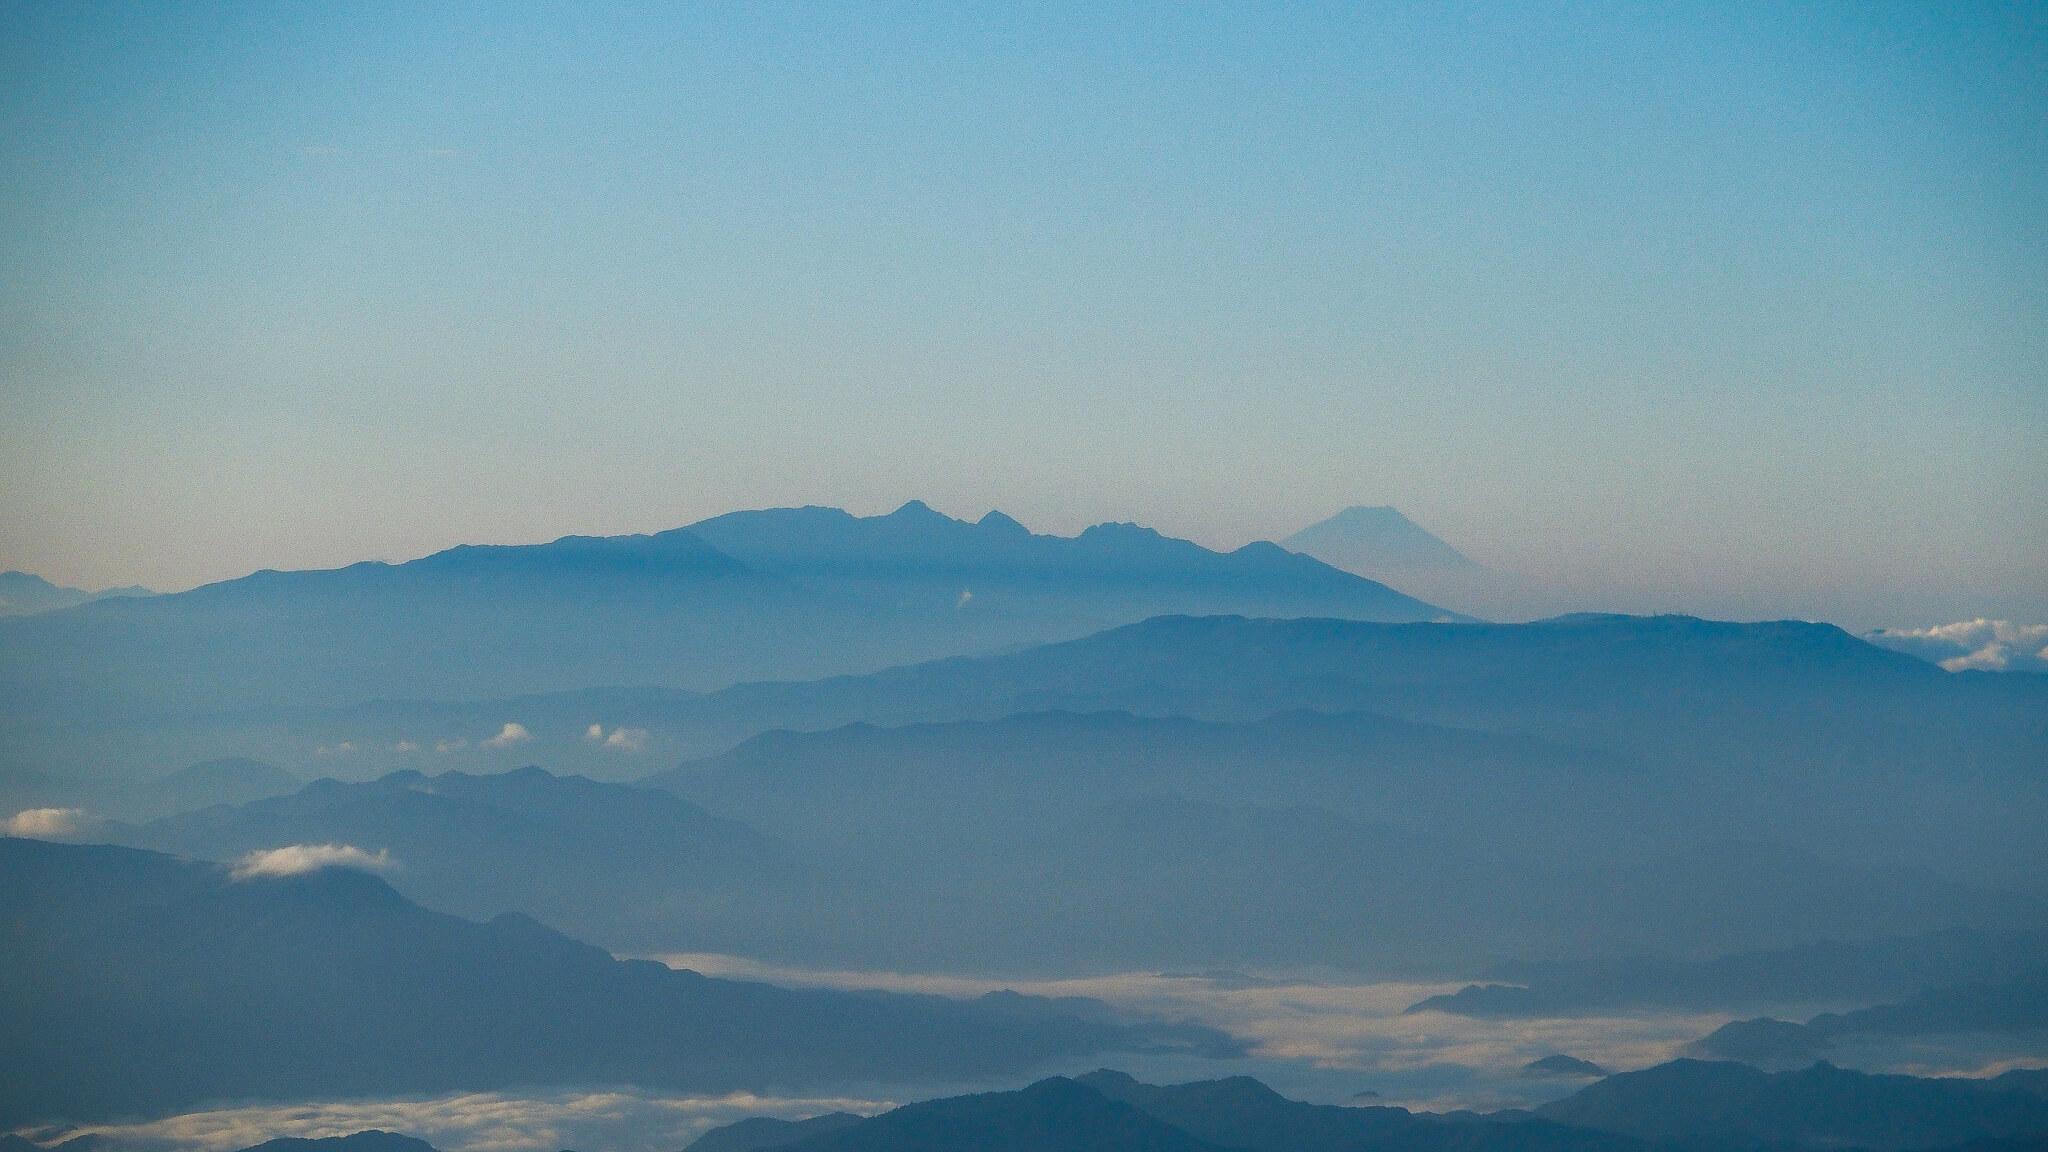 白馬岳・白馬岳山頂からの八ヶ岳と富士山